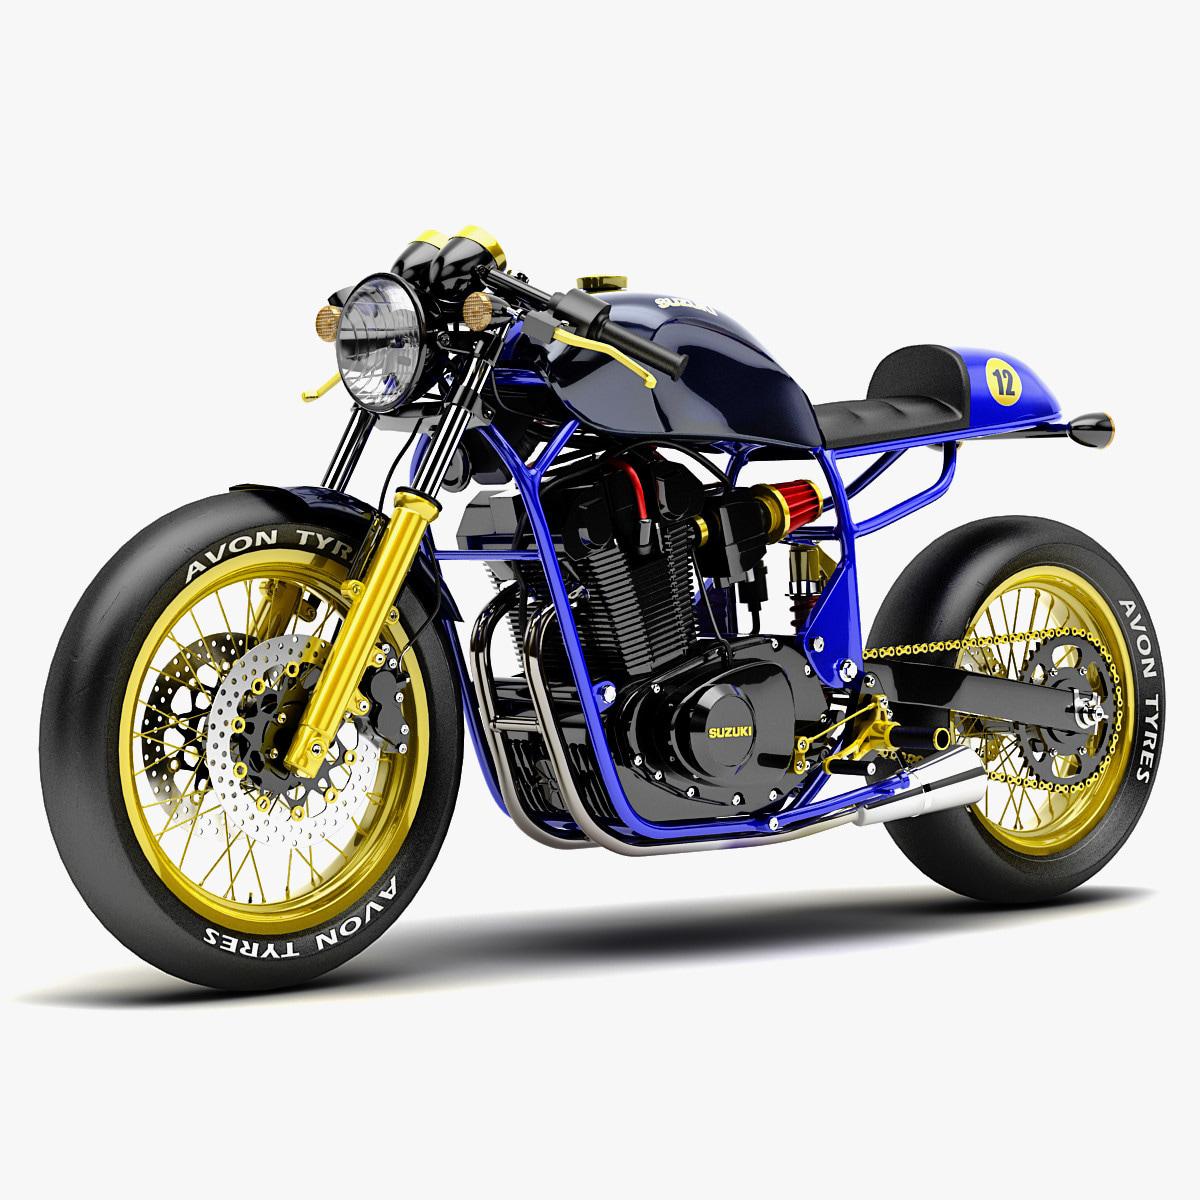 128797_Suzuki_Cafe_Racer___0001.jpgcefcf829-4f54-40ca-a745-c976c5fcdd73Original.jpg